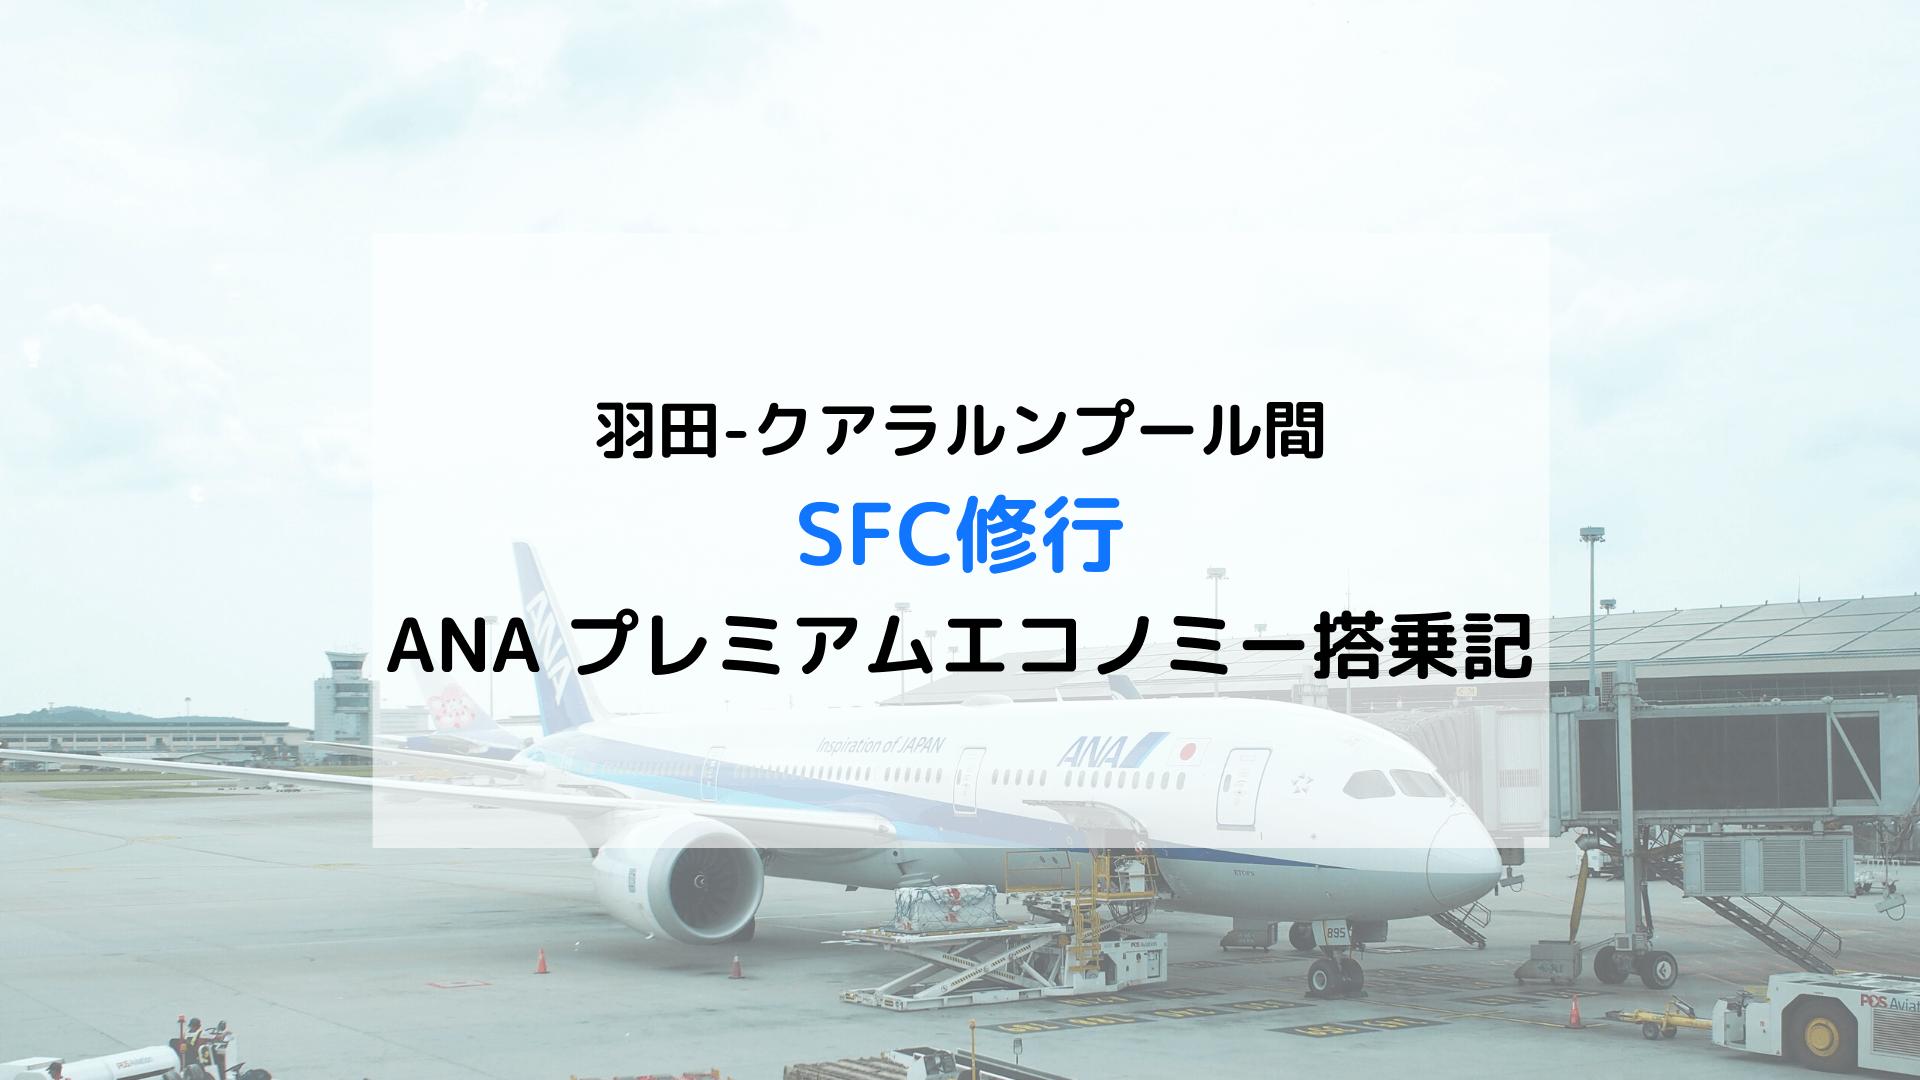 SFC修行ANAプレミアムエコノミー搭乗記